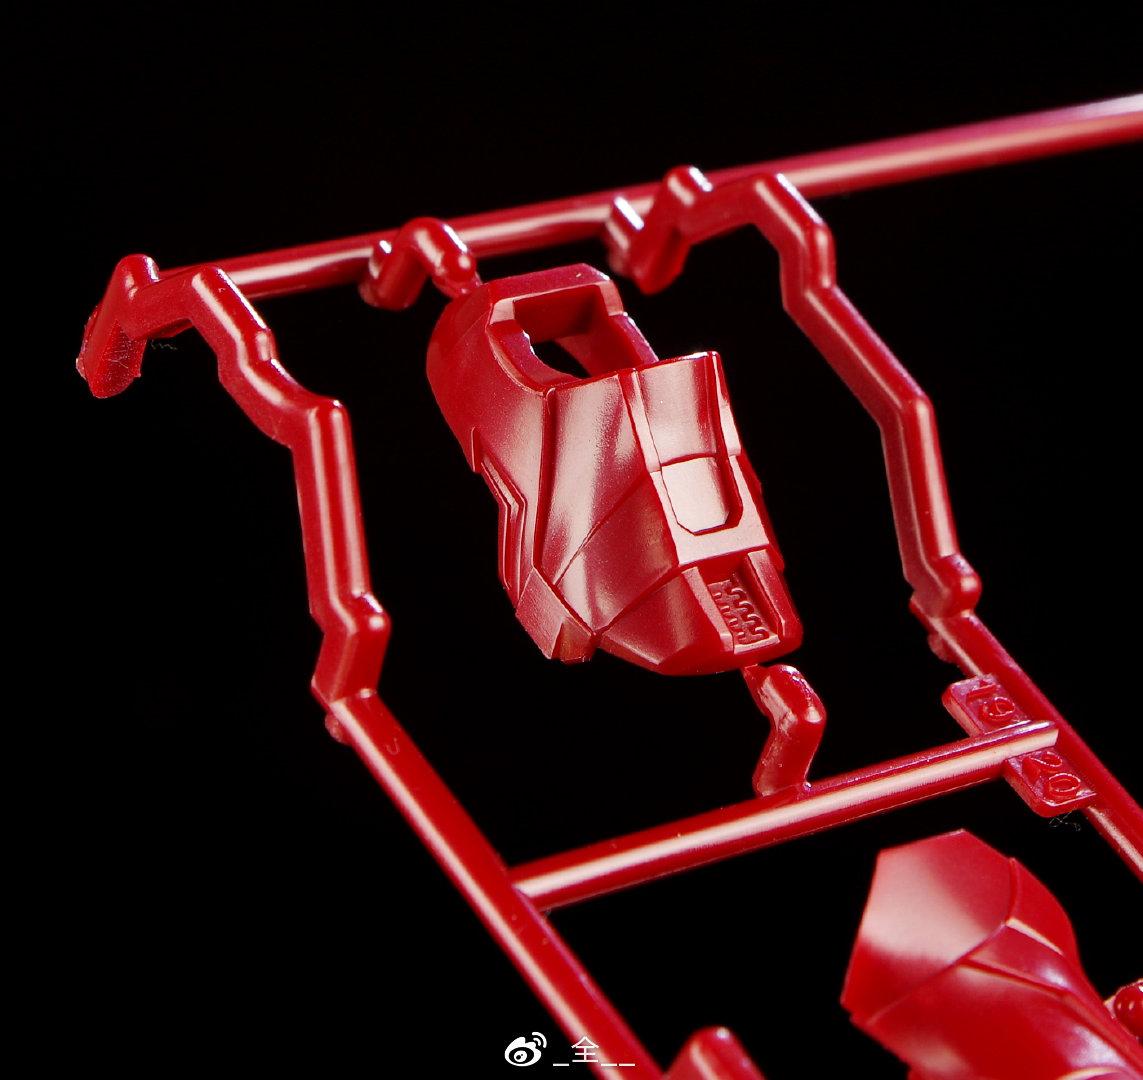 S509_E_Model_MK46_0328_045.jpg